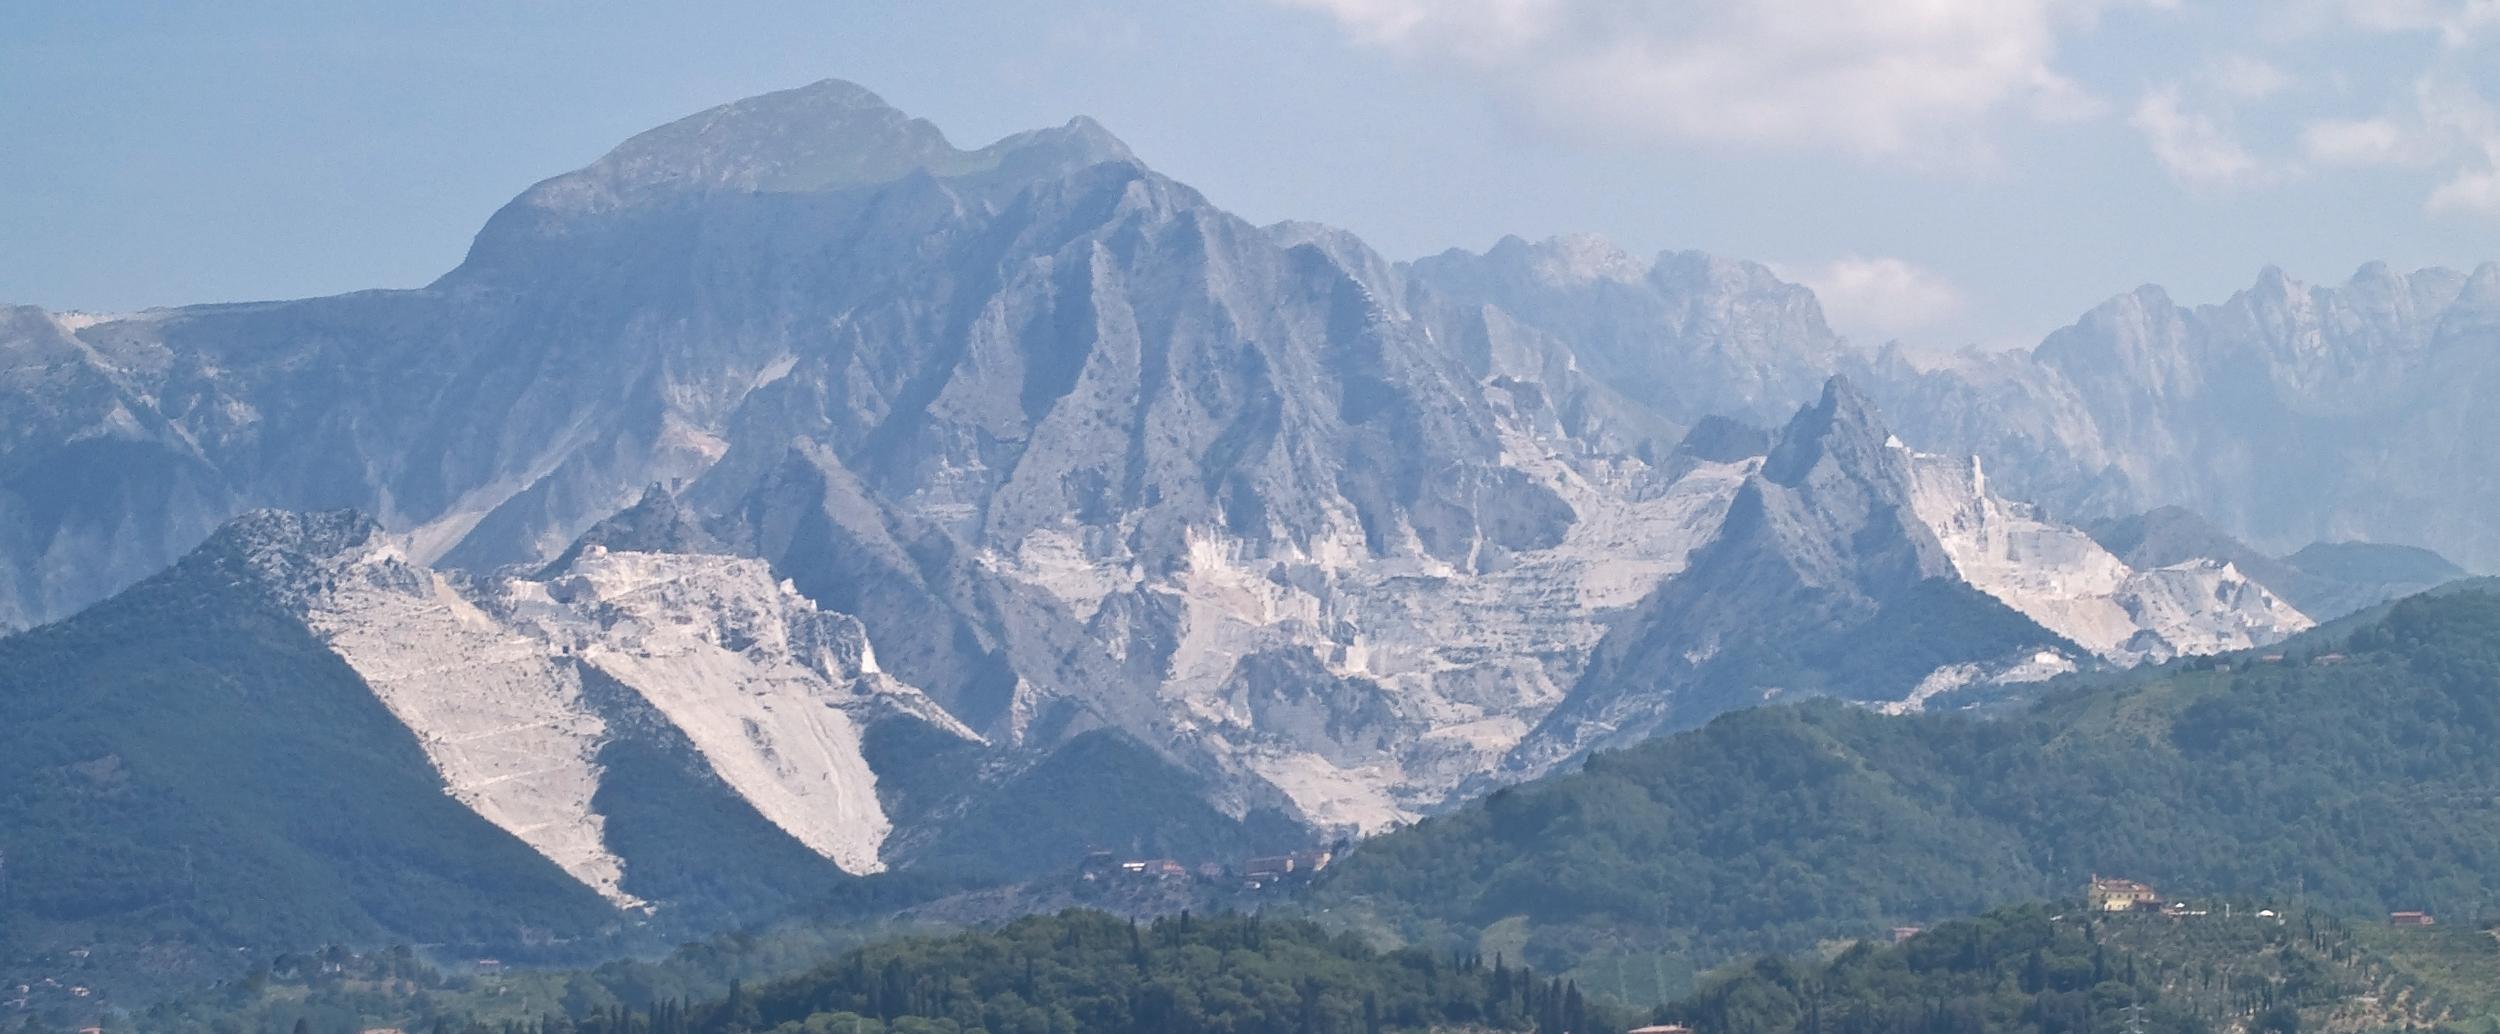 Carrara marble quarries of the Alpi Apuane CC Myrabella